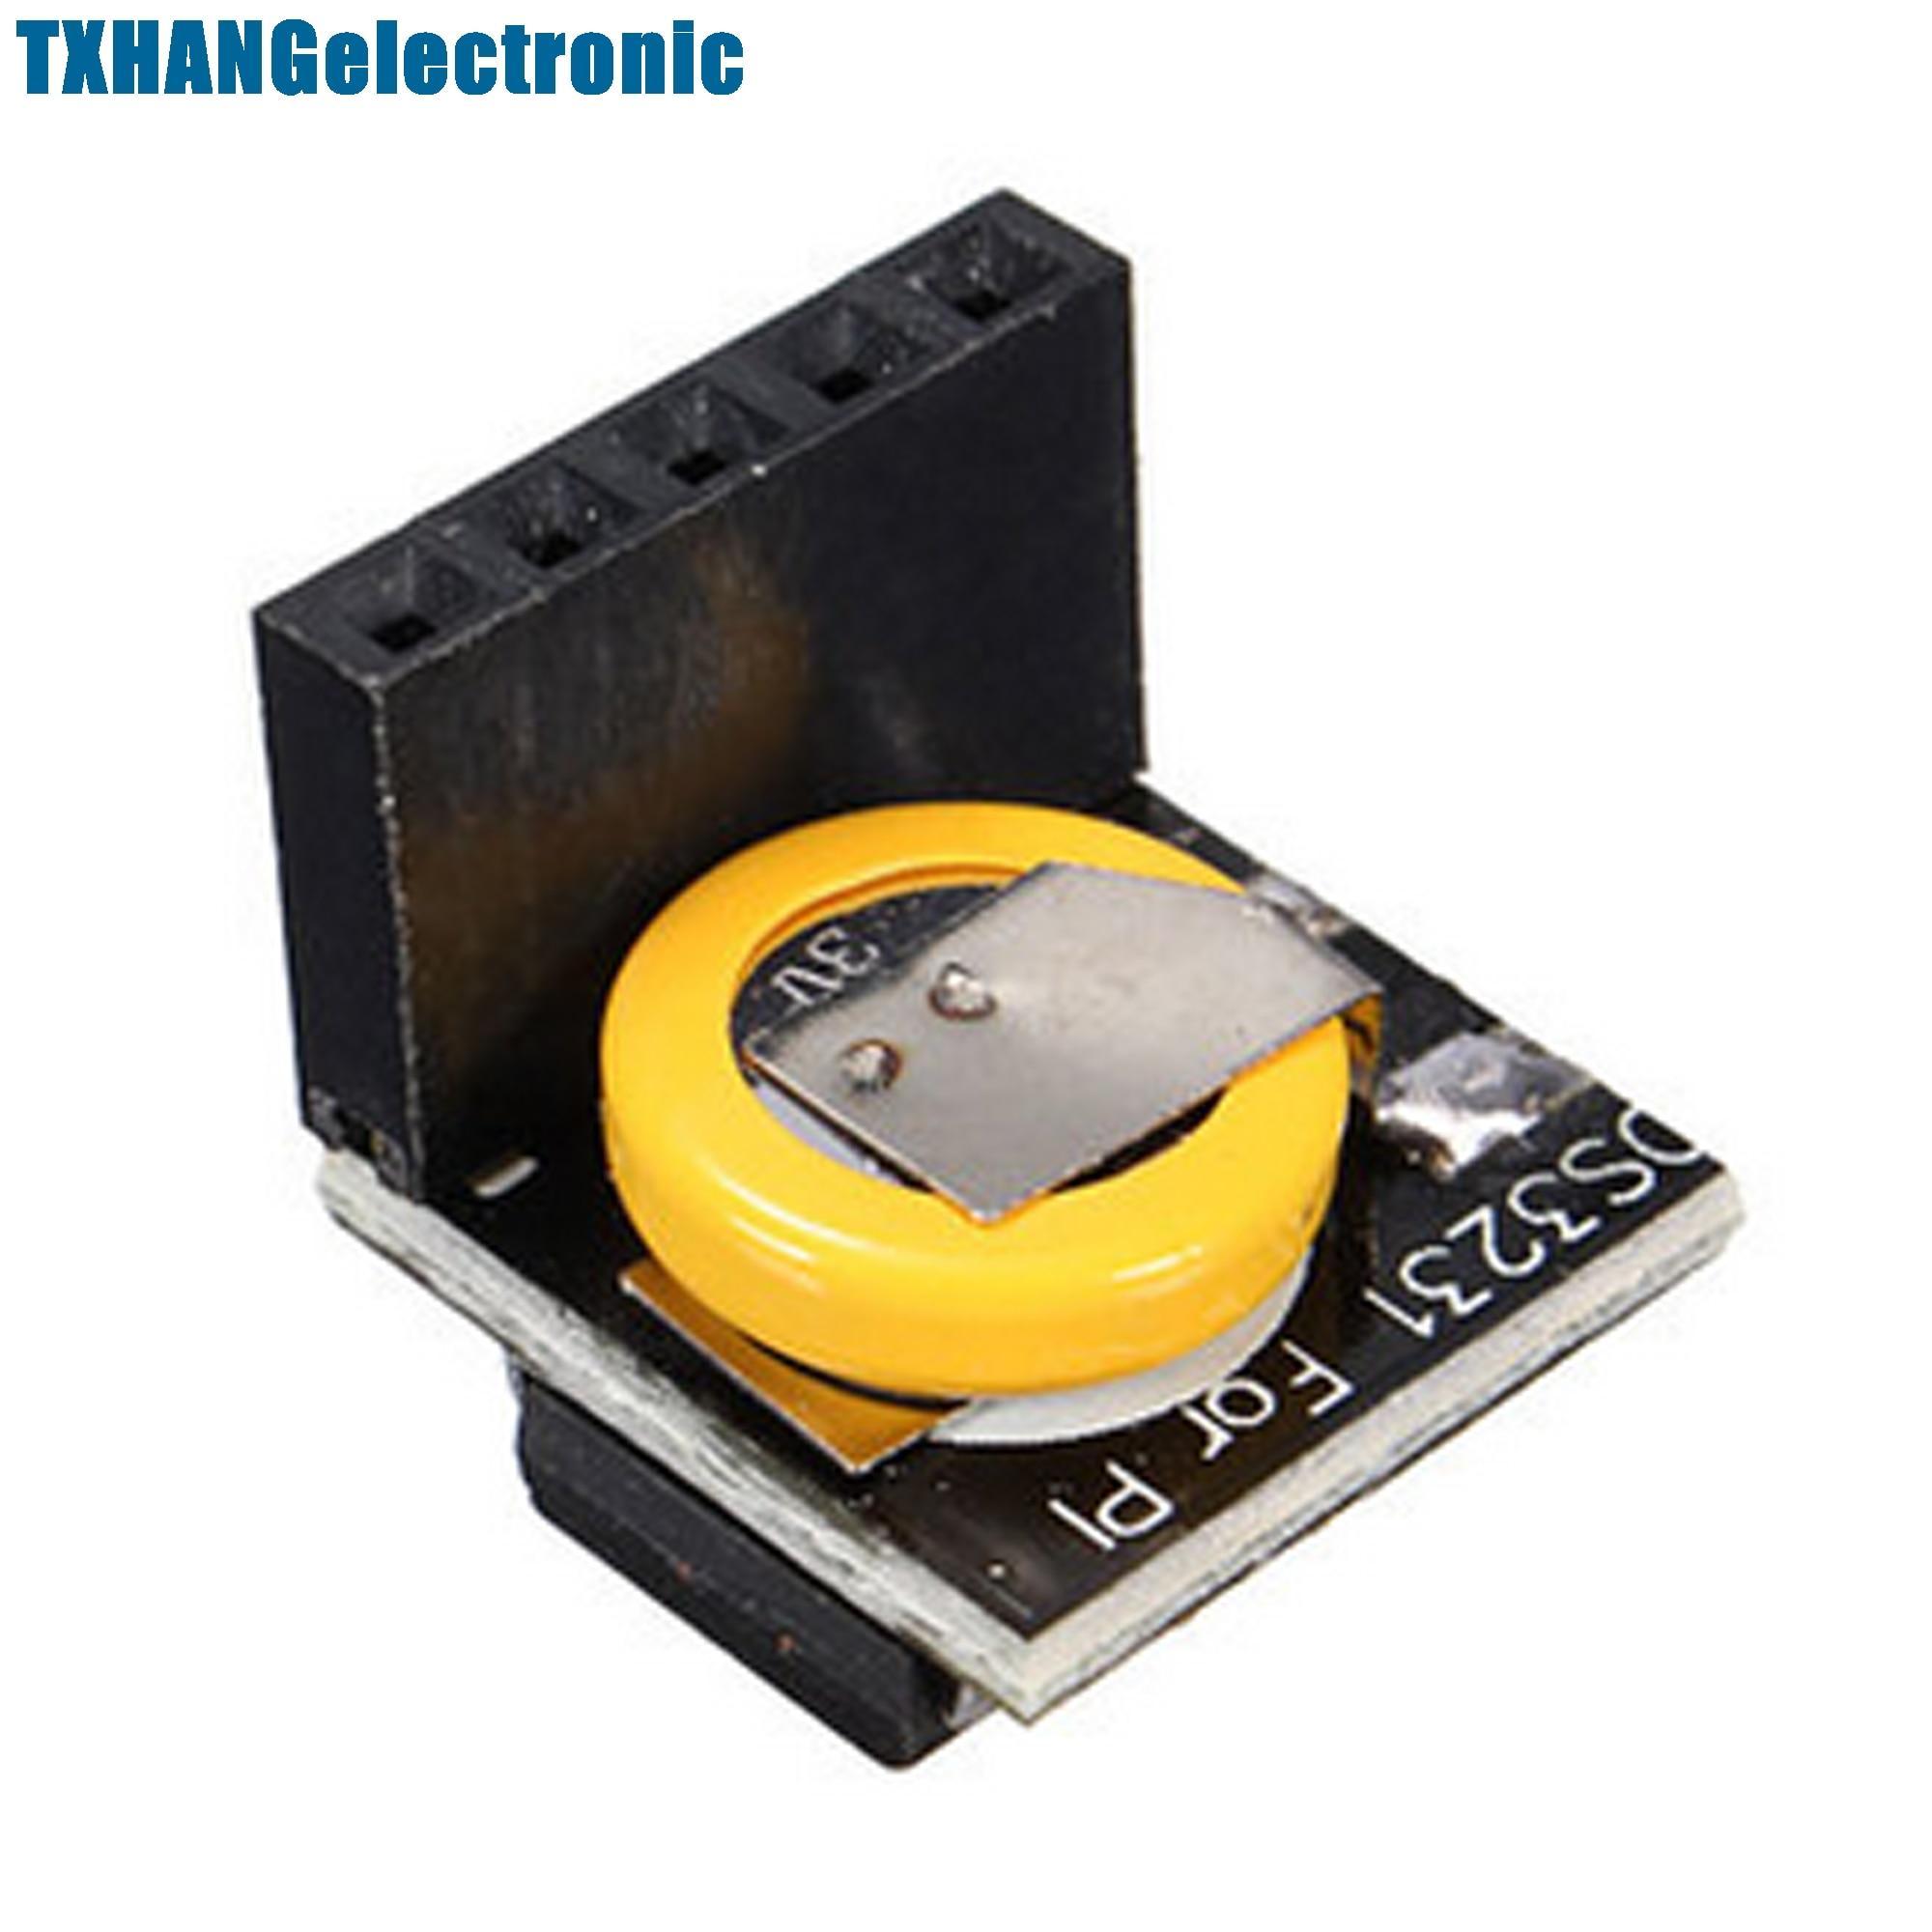 Precision DS3231 RTC Module Memory Module Raspberry Pi high precision ds3231 clock module at24c32 iic rtc real time memory module for arduino raspberry pi avr arm